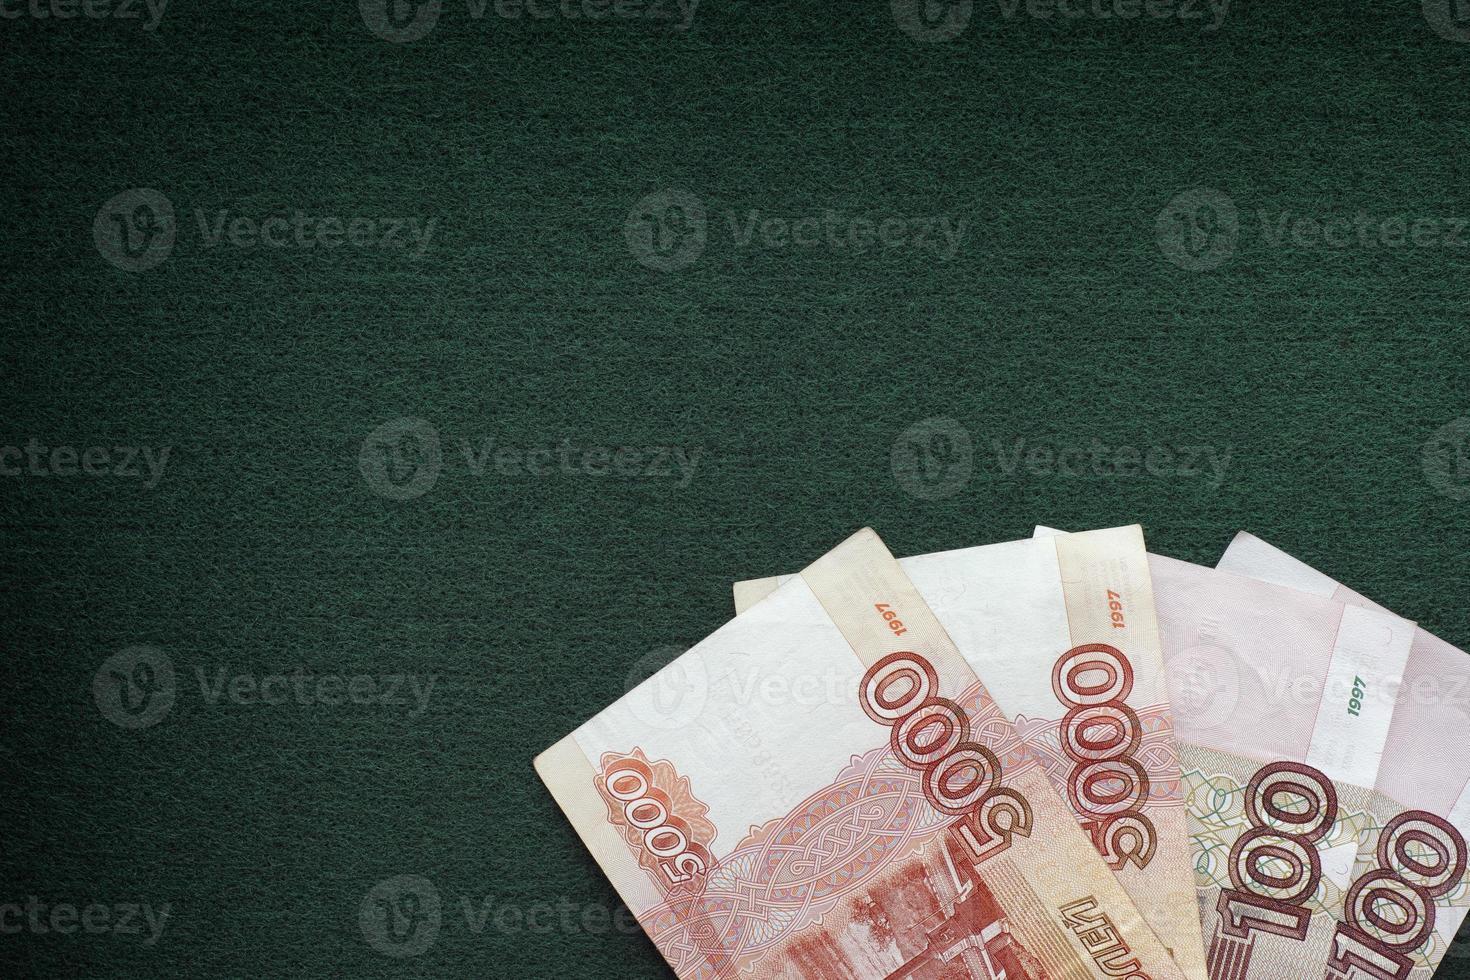 ryska rubel sedlar hög på en grön bakgrund foto